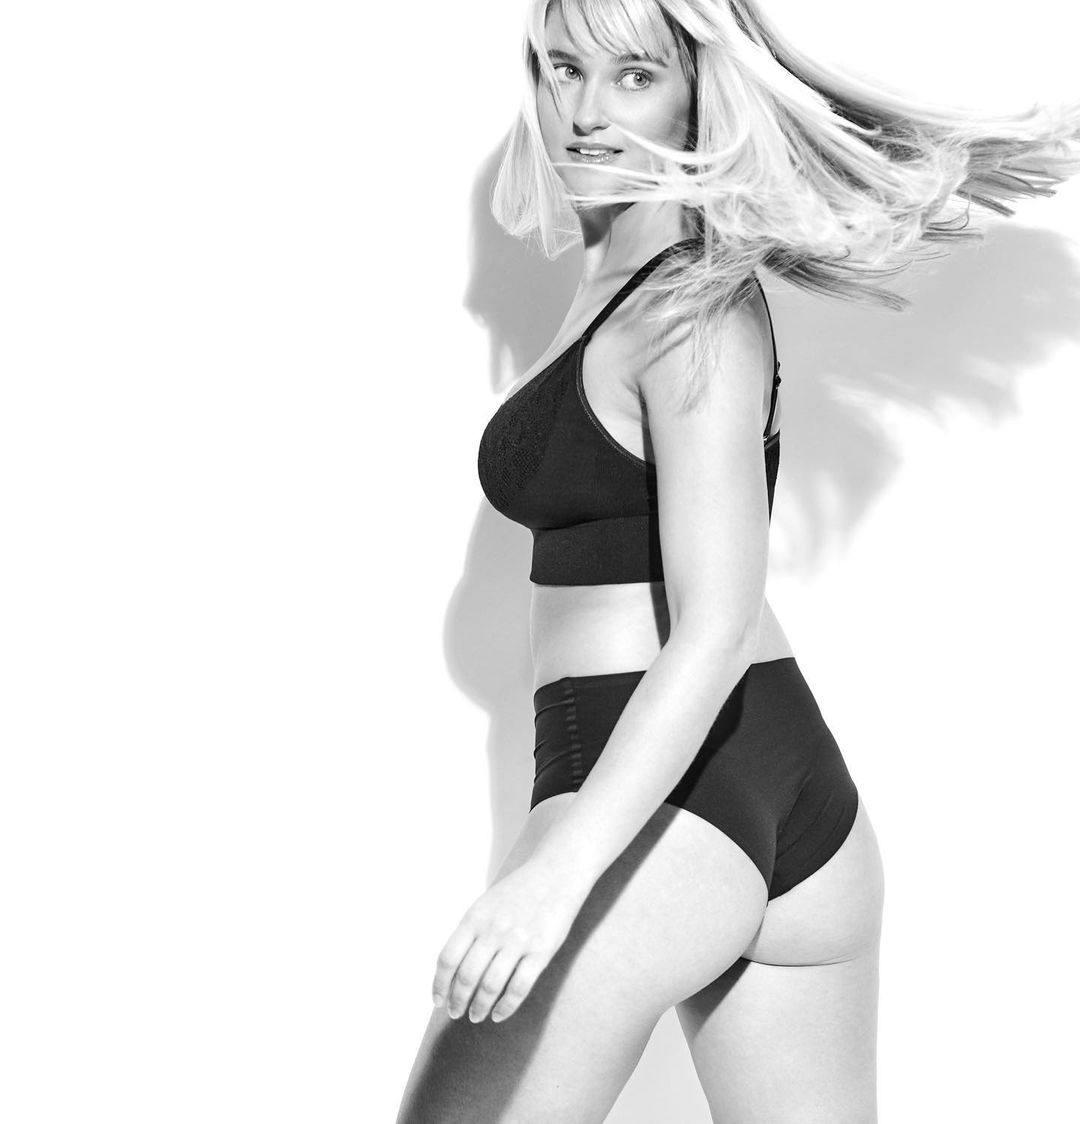 Genevieve Morton Sexy Ass In Underwear